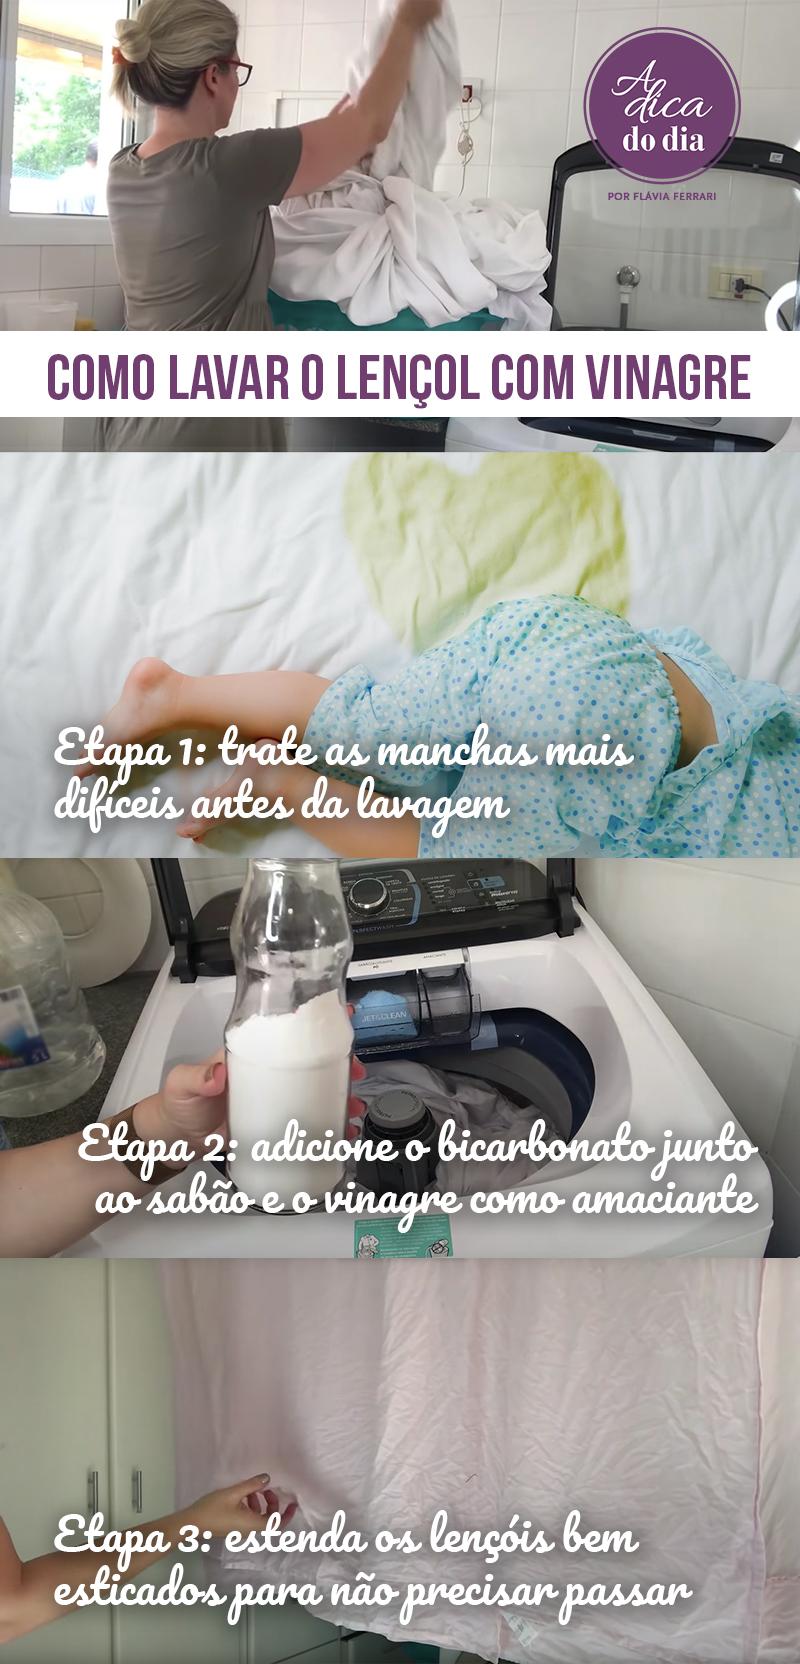 Como lavar o lençol com vinagre Flávia Ferrari A Dica do DIa